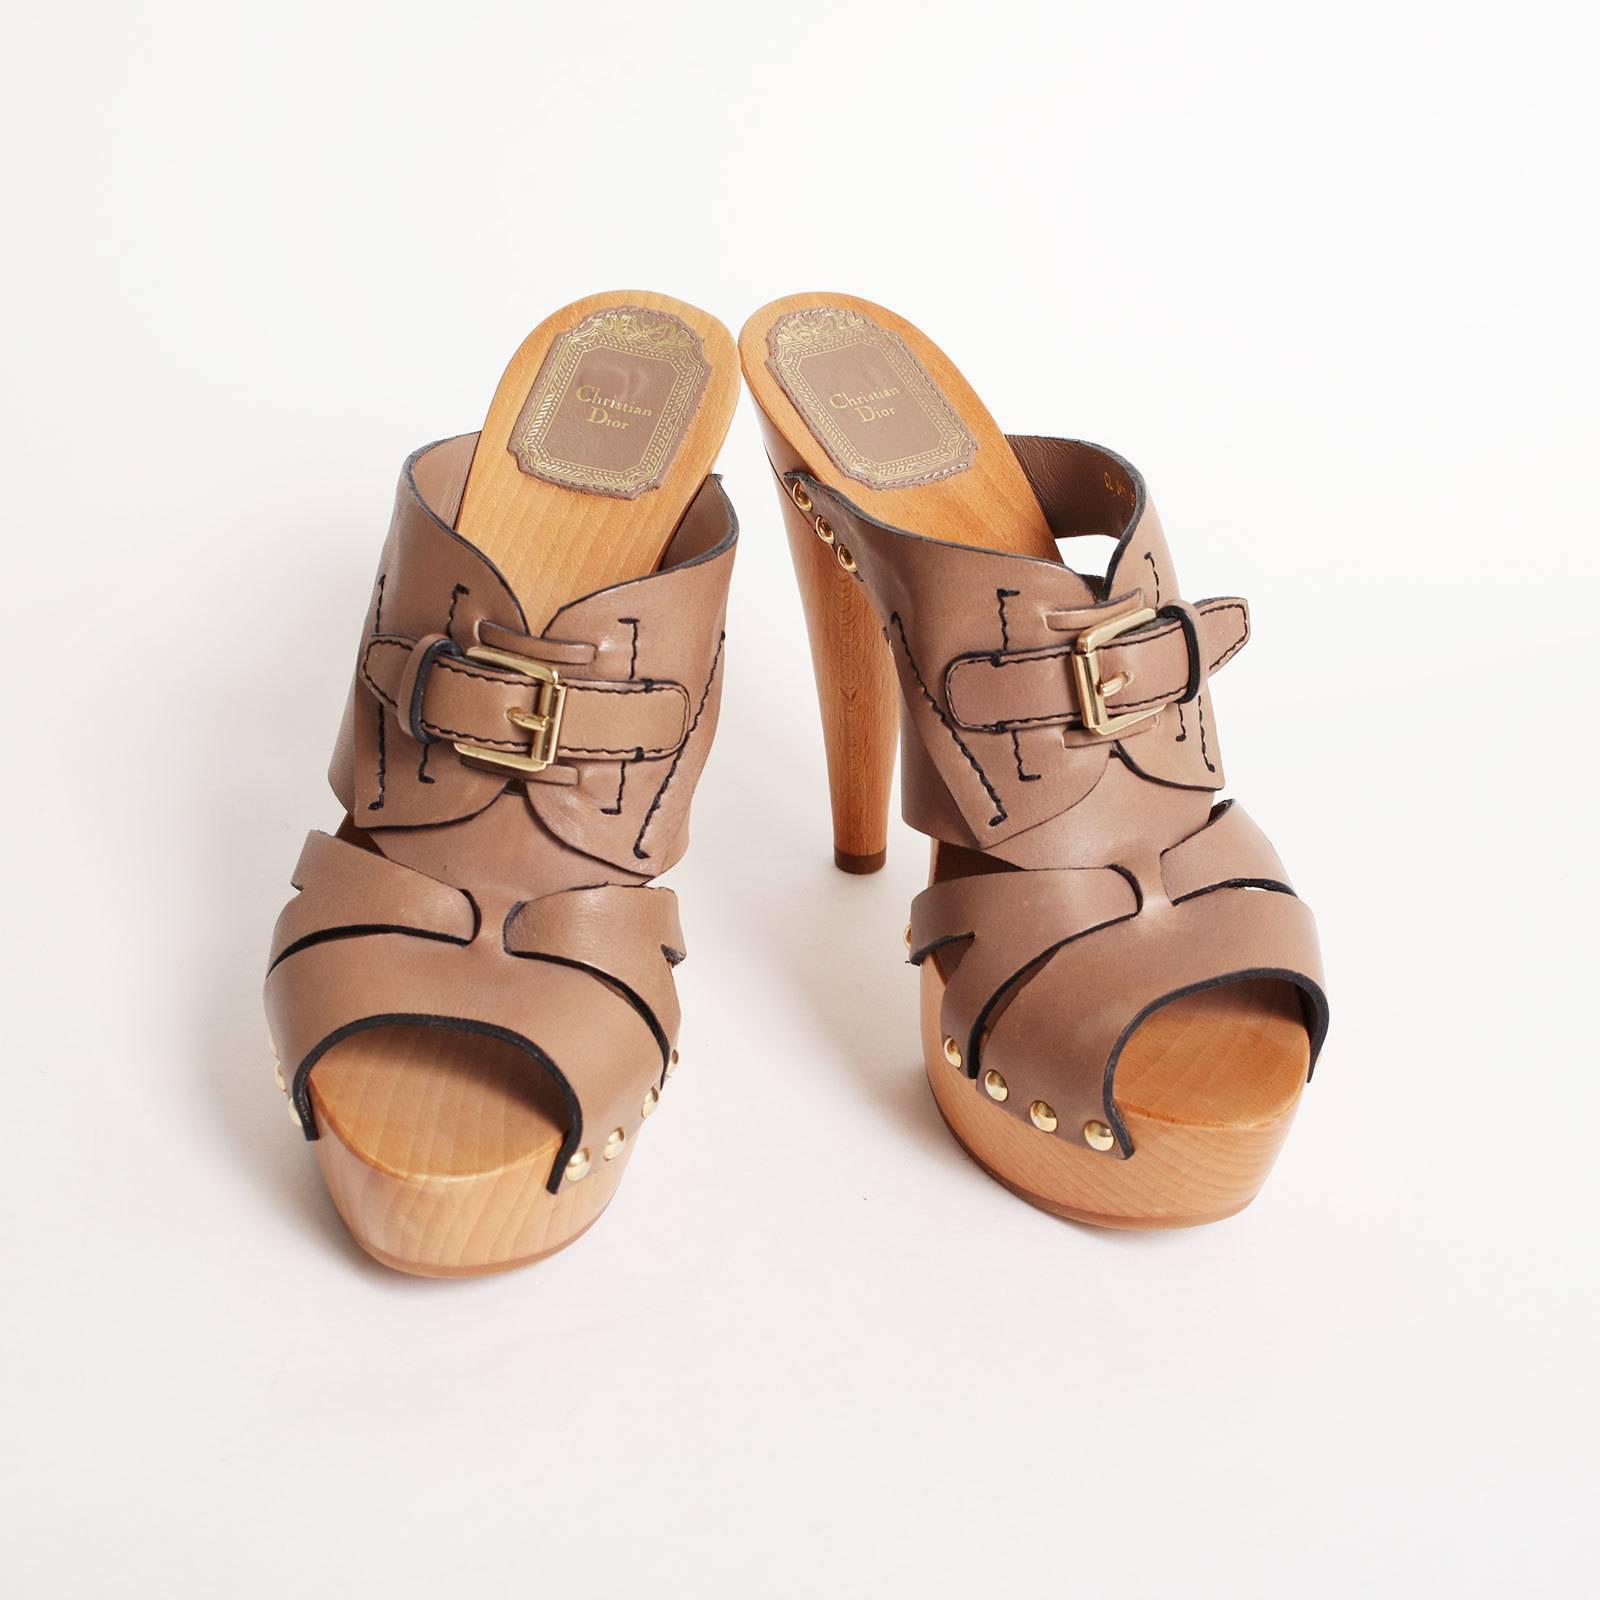 Купить сабо Christian Dior в Москве с доставкой по цене 8640 рублей ... 00f0f58d18c